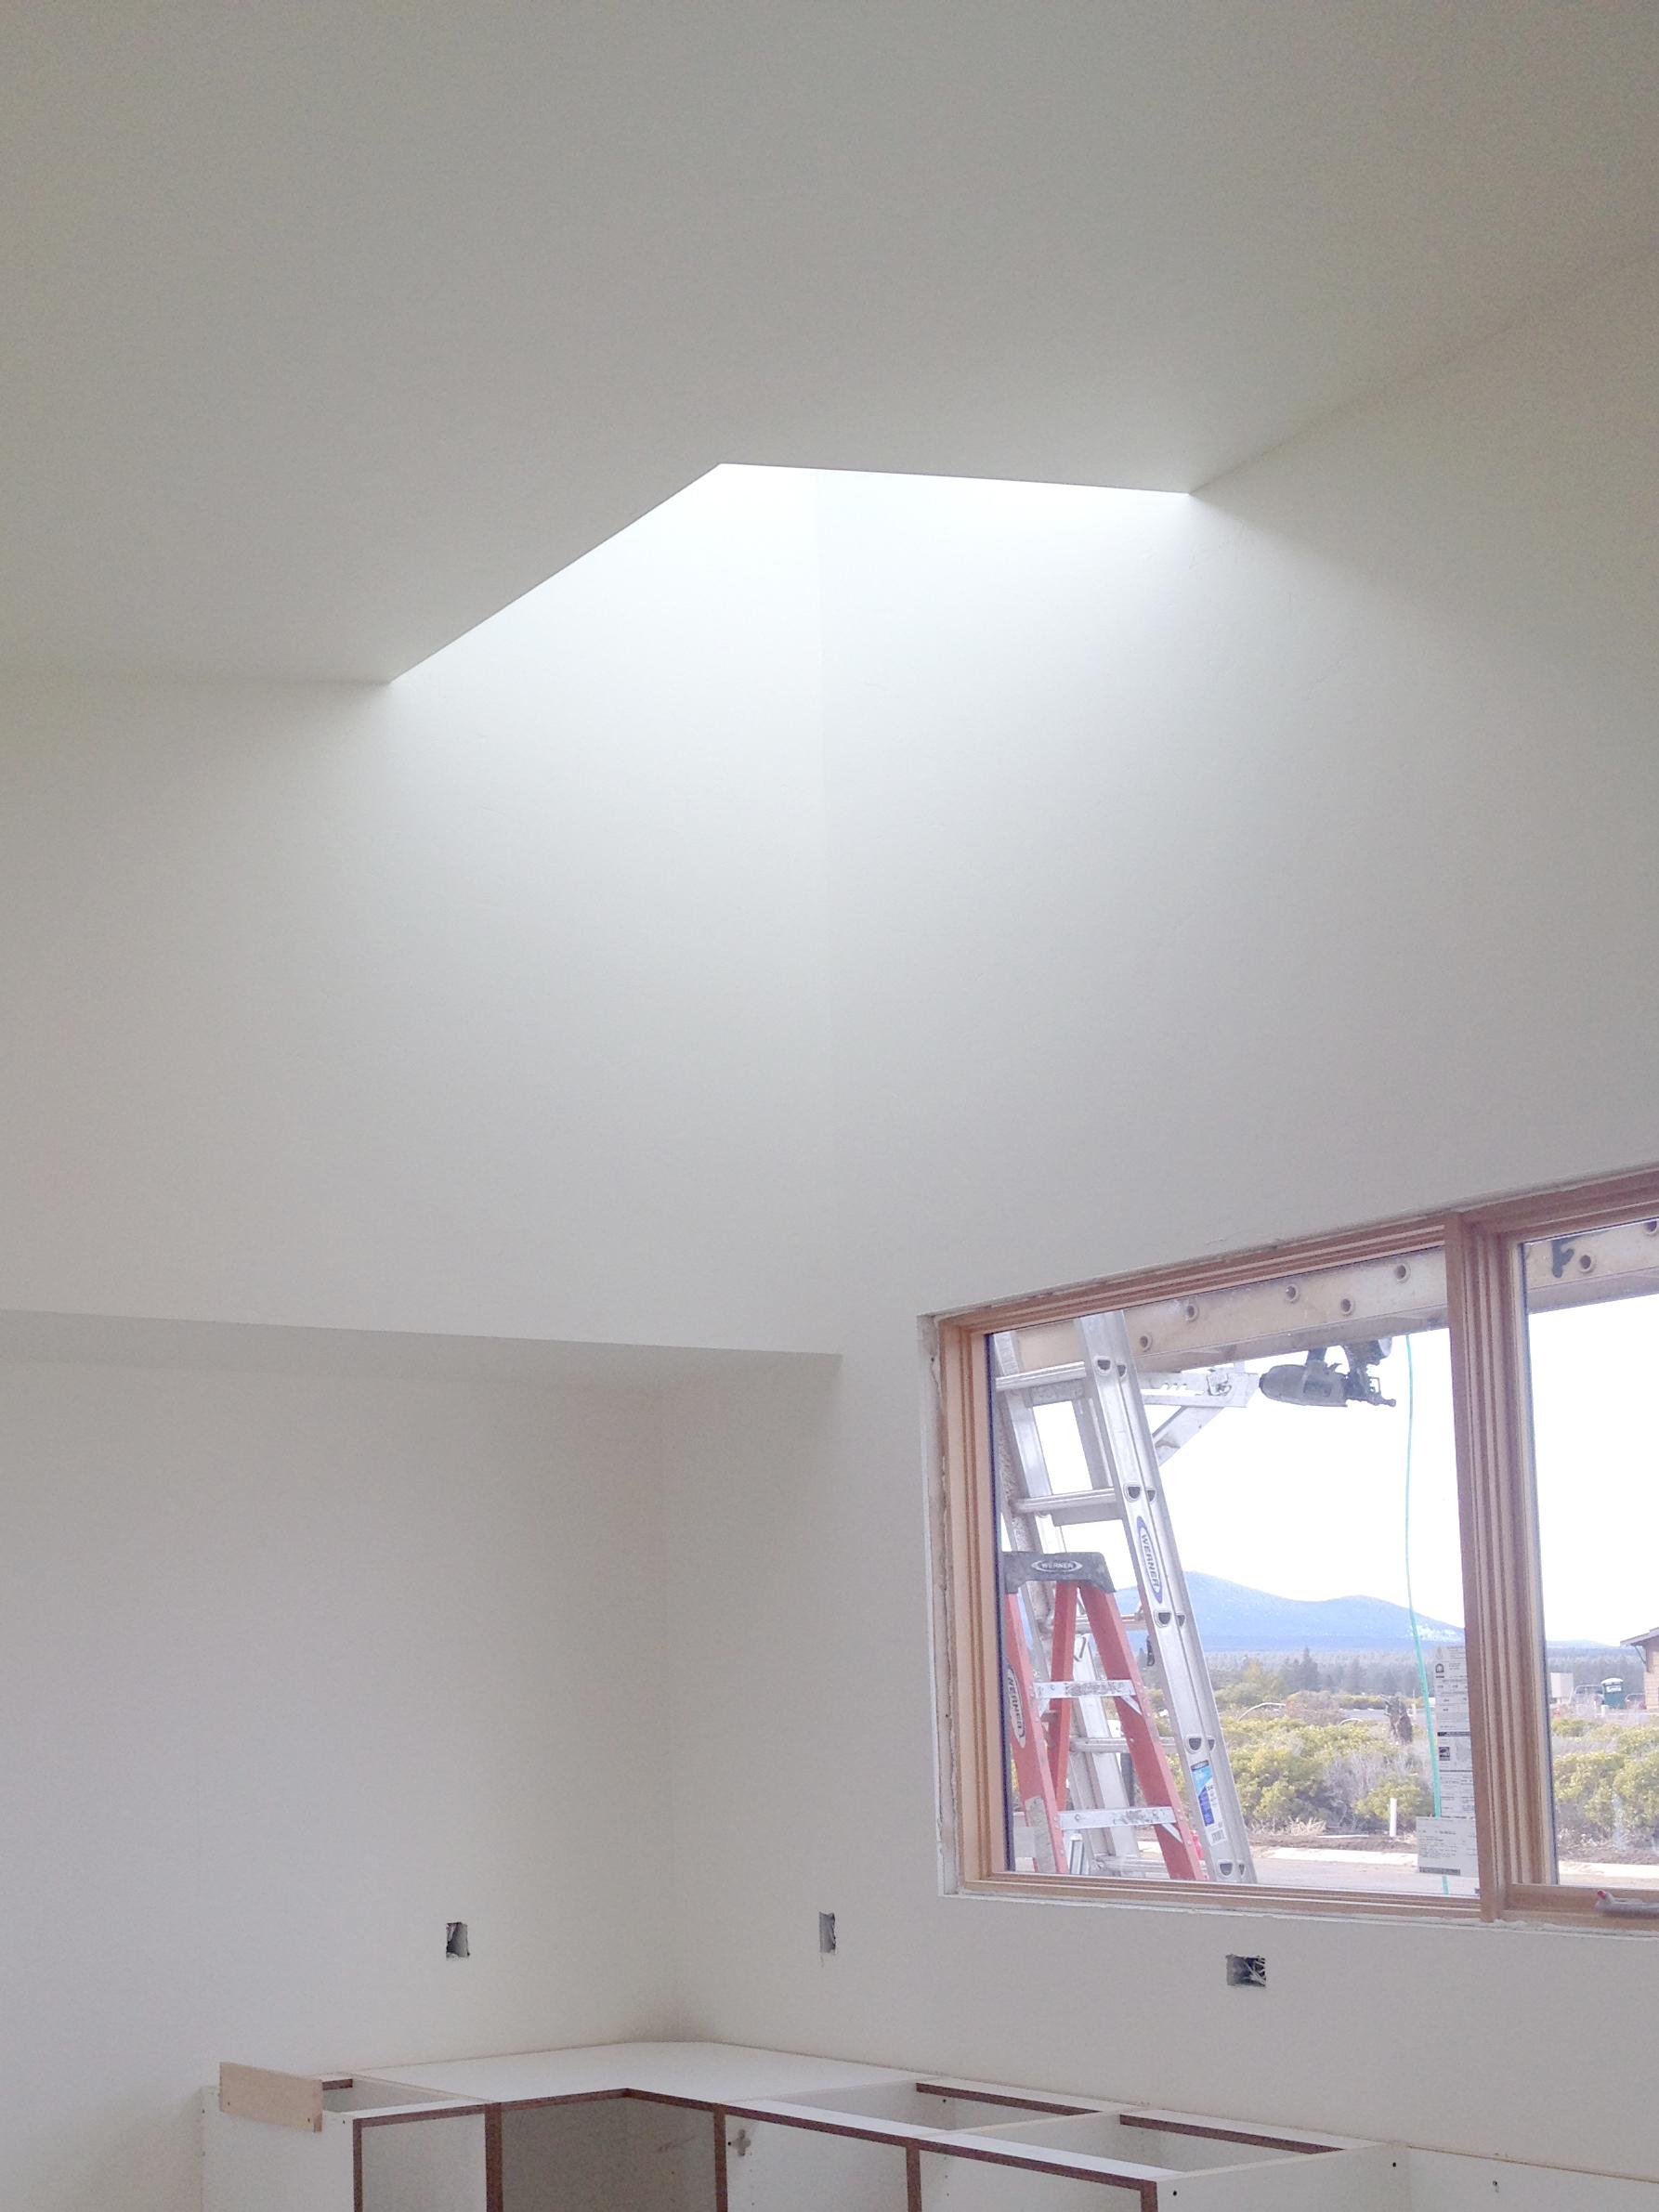 Nice sky-lit corner in the kitchen